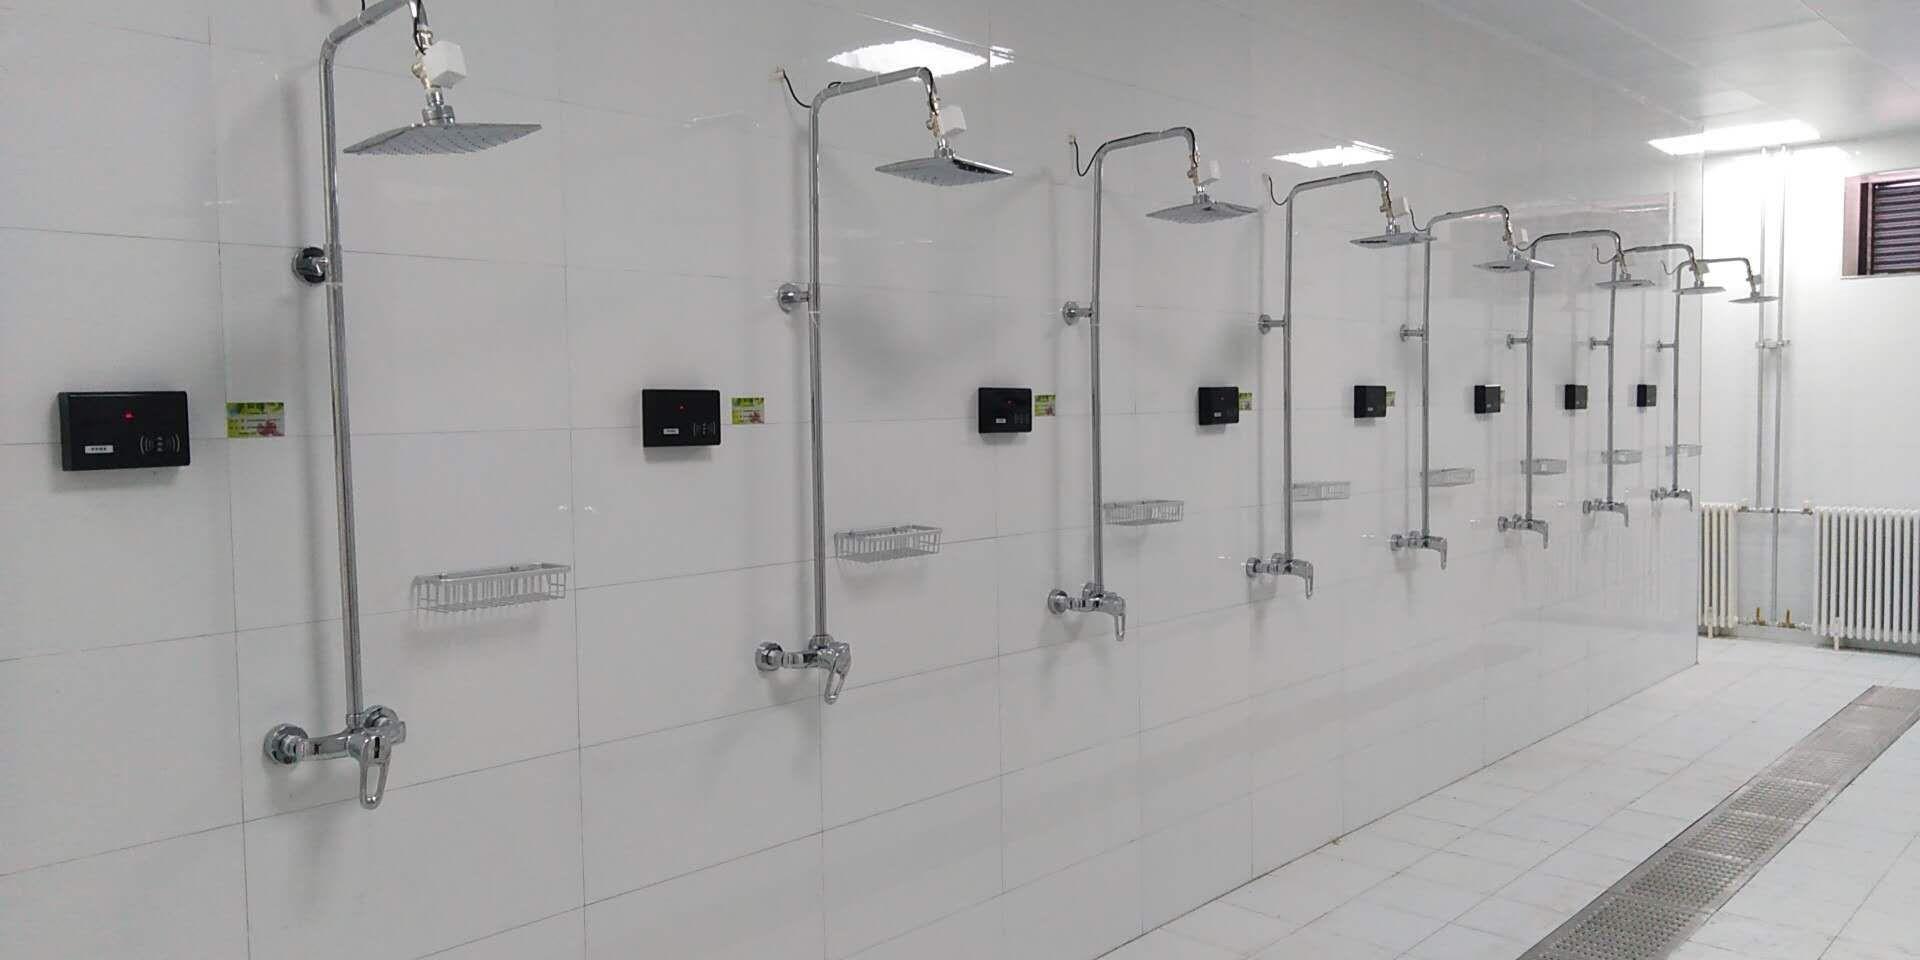 整体浴室安装洗浴节水器,浴室刷卡器